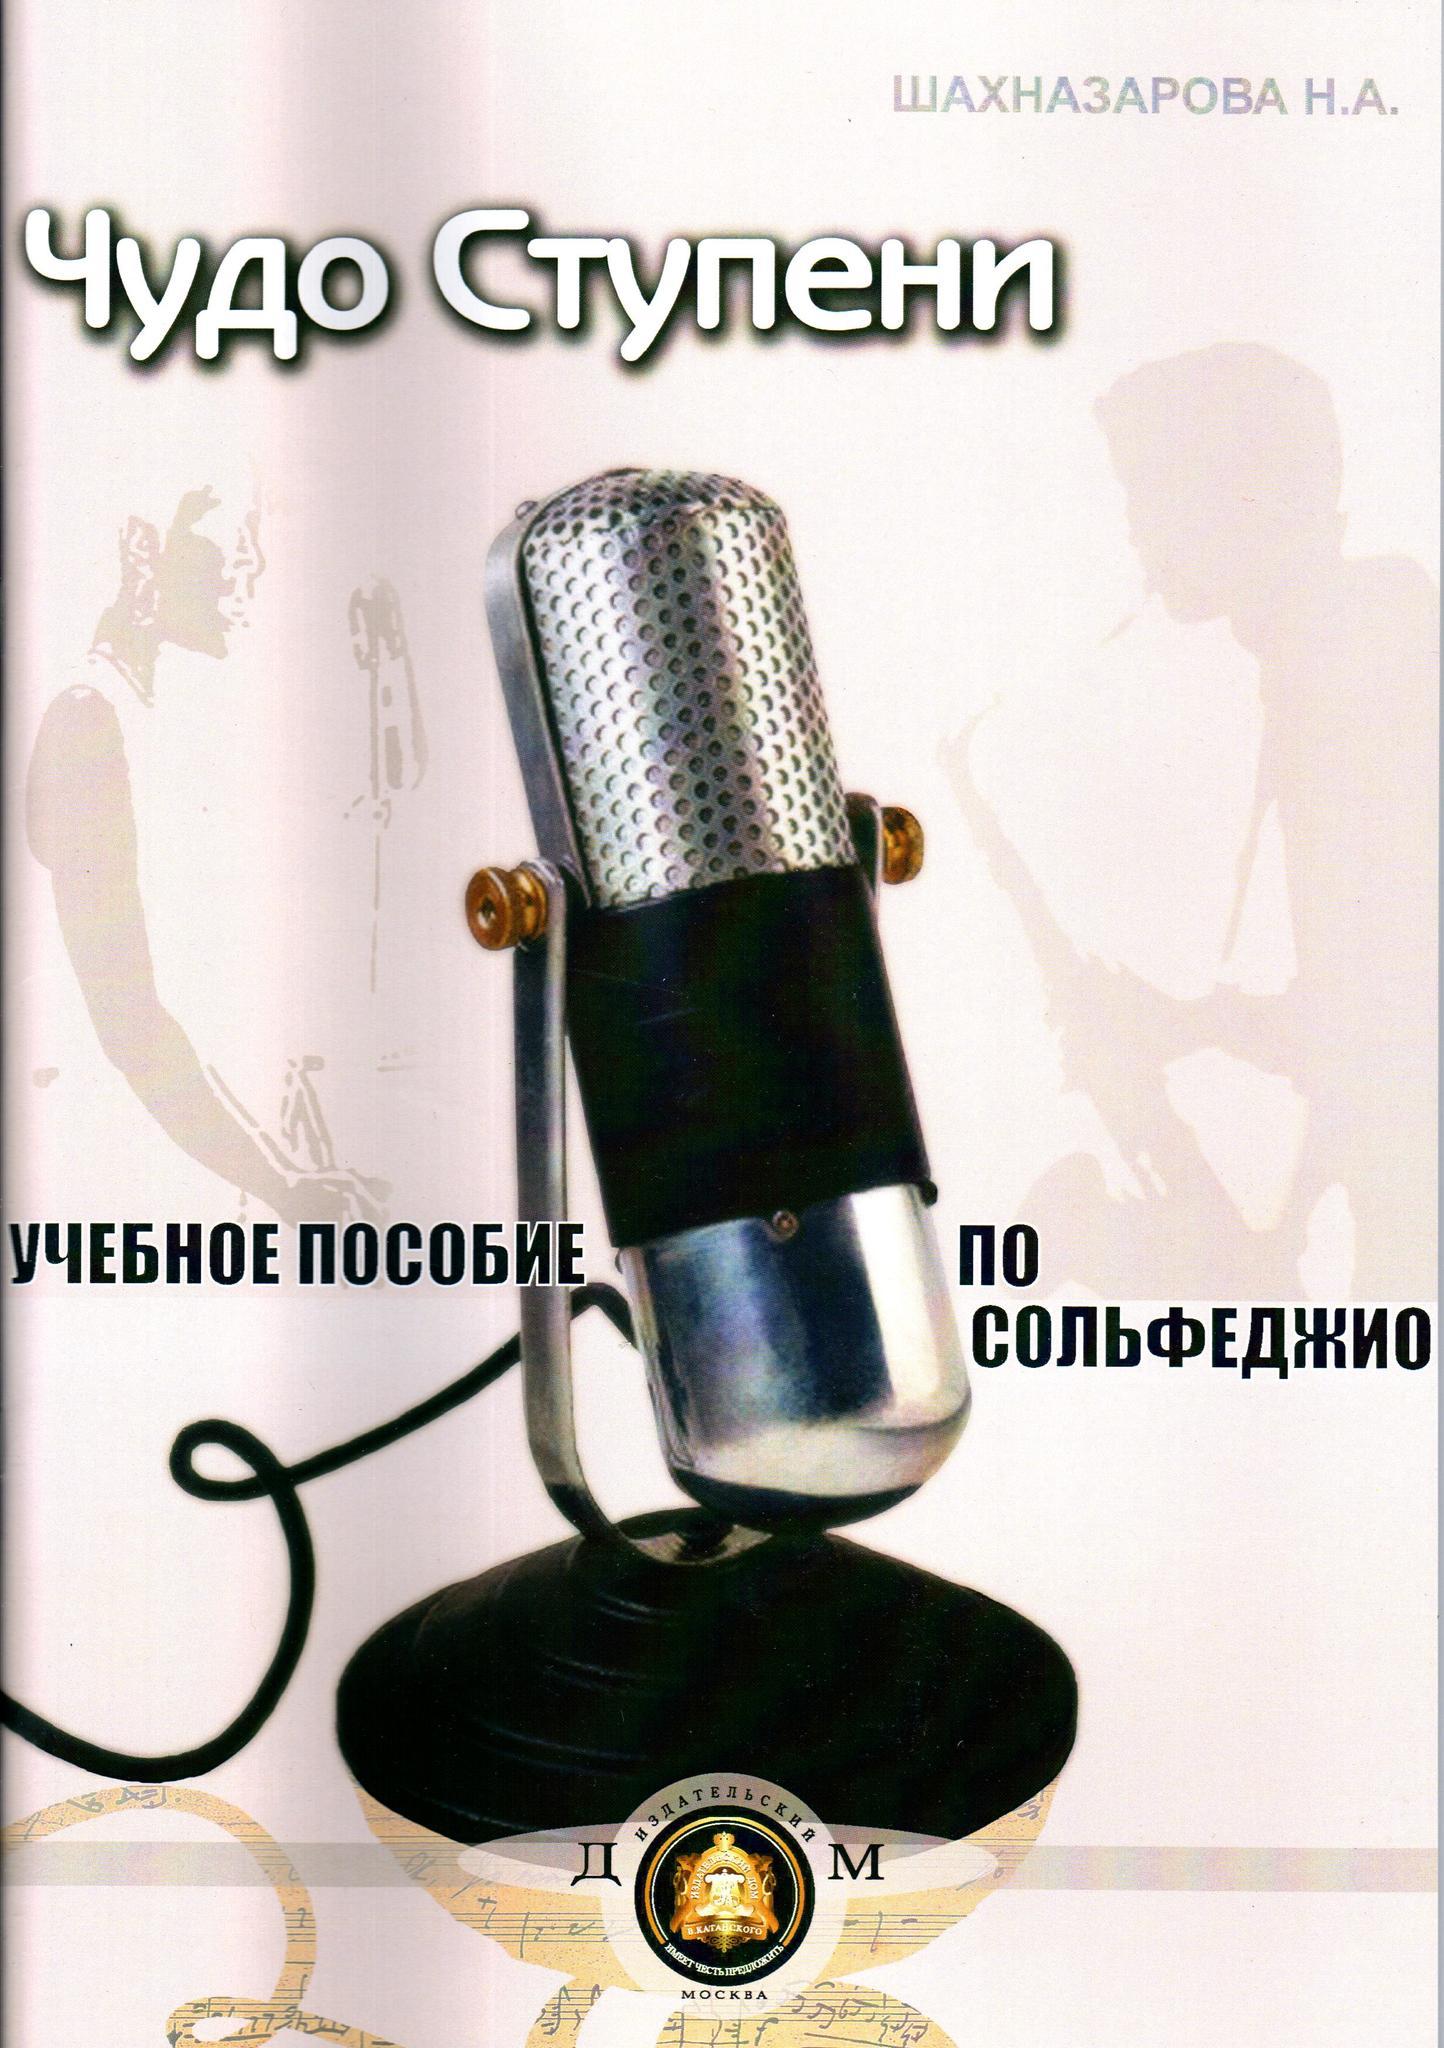 Шахназарова Н. А. Чудо-ступени. Учебное пособие по сольфеджио.